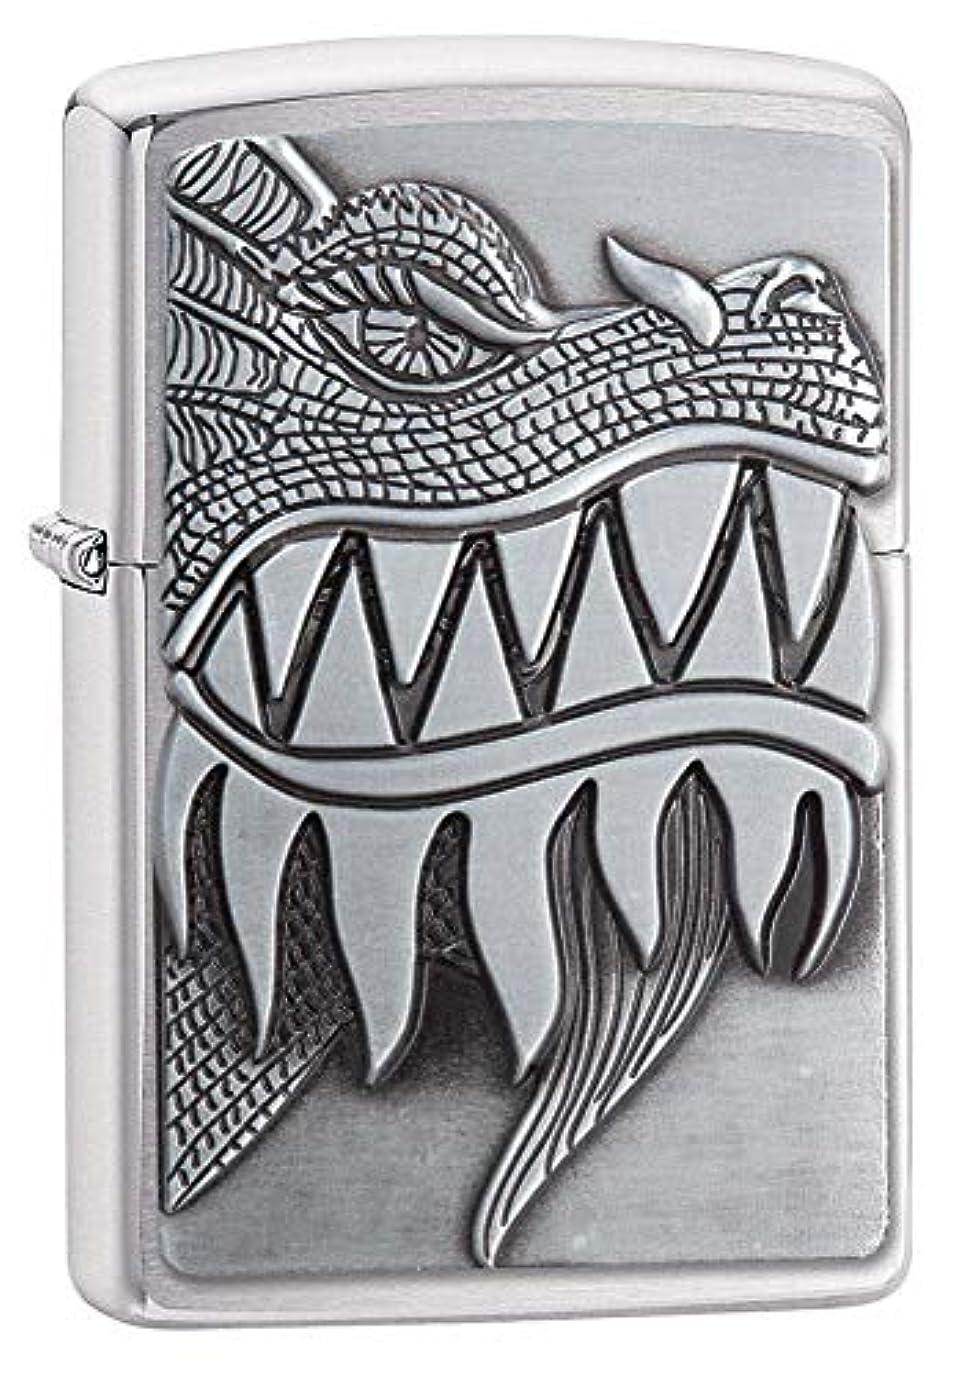 ドット留まるクラブZIPPO(ジッポー) Dragon Lighters (ドラゴン ライター) 日本未発売